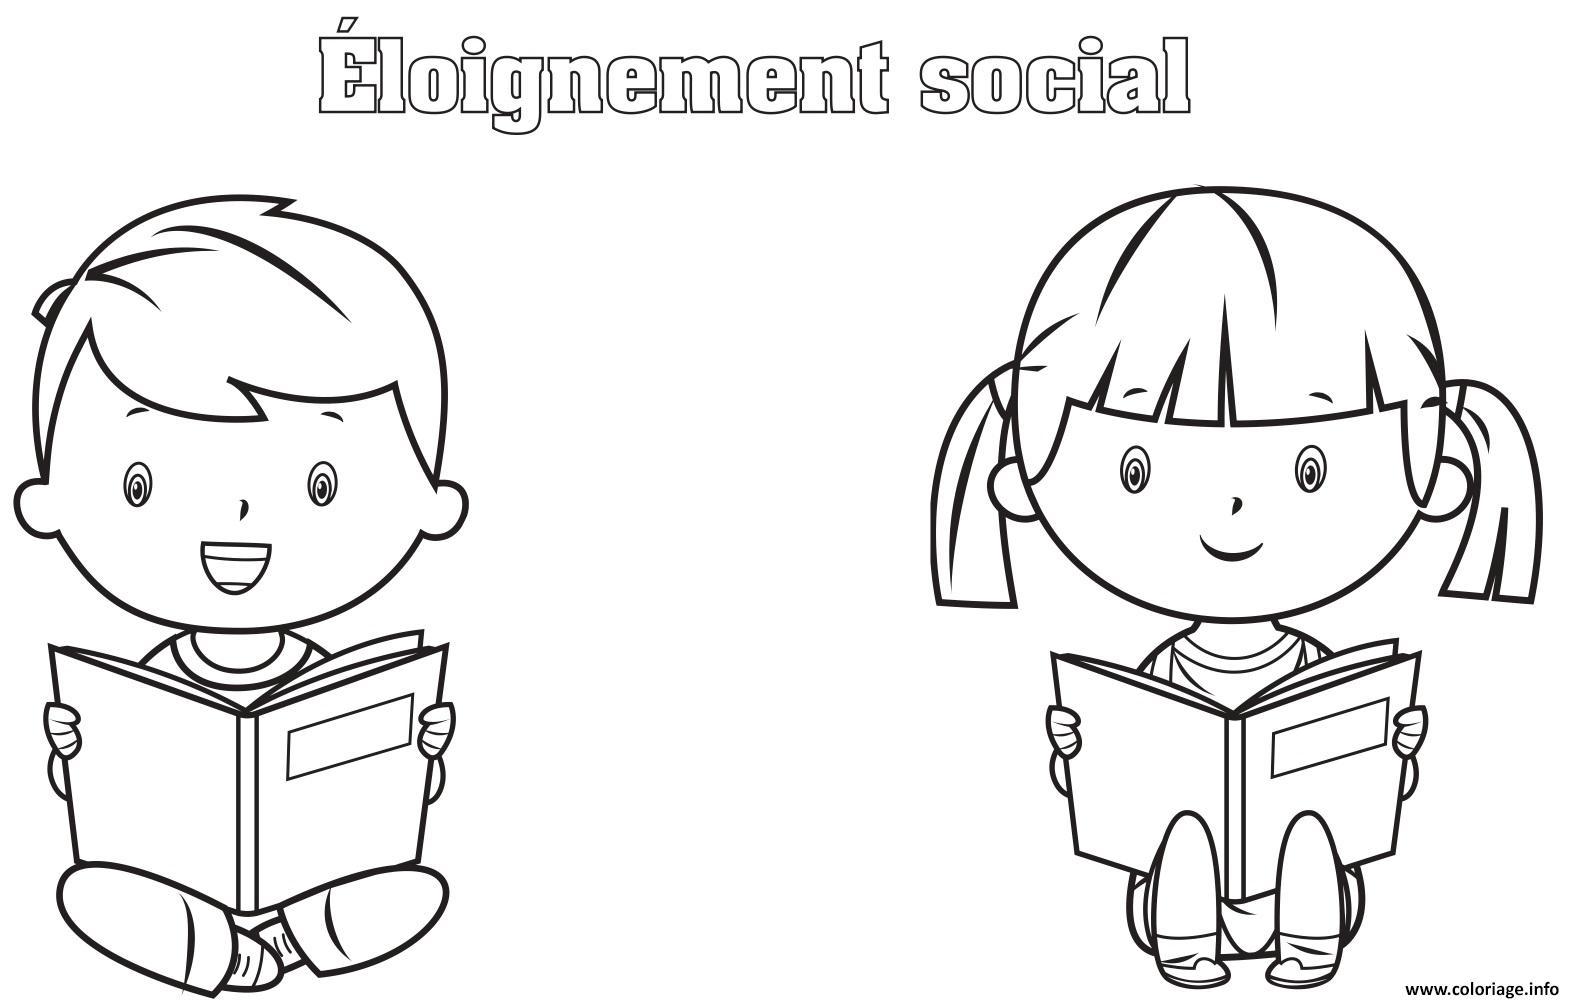 Dessin lire un livre tout en maintenant un eloignement social Coloriage Gratuit à Imprimer